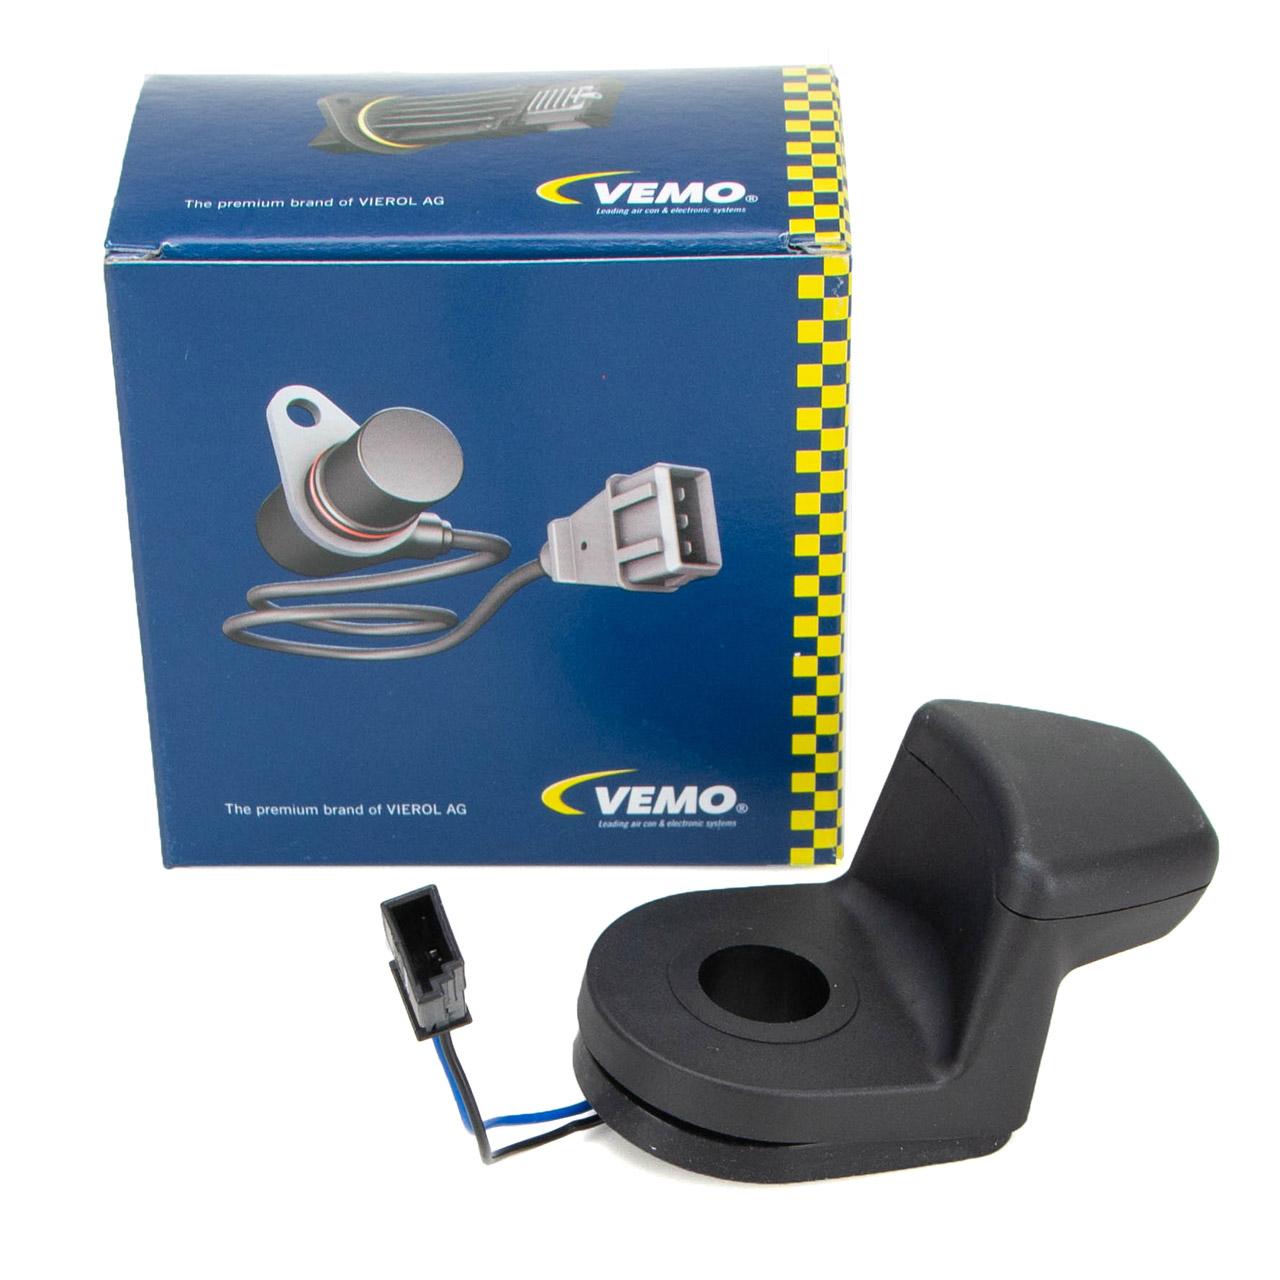 VEMO Mikroschalter Heckklappenentriegelung BMW 3er 5er Touring E46 E91 E61 61319200673